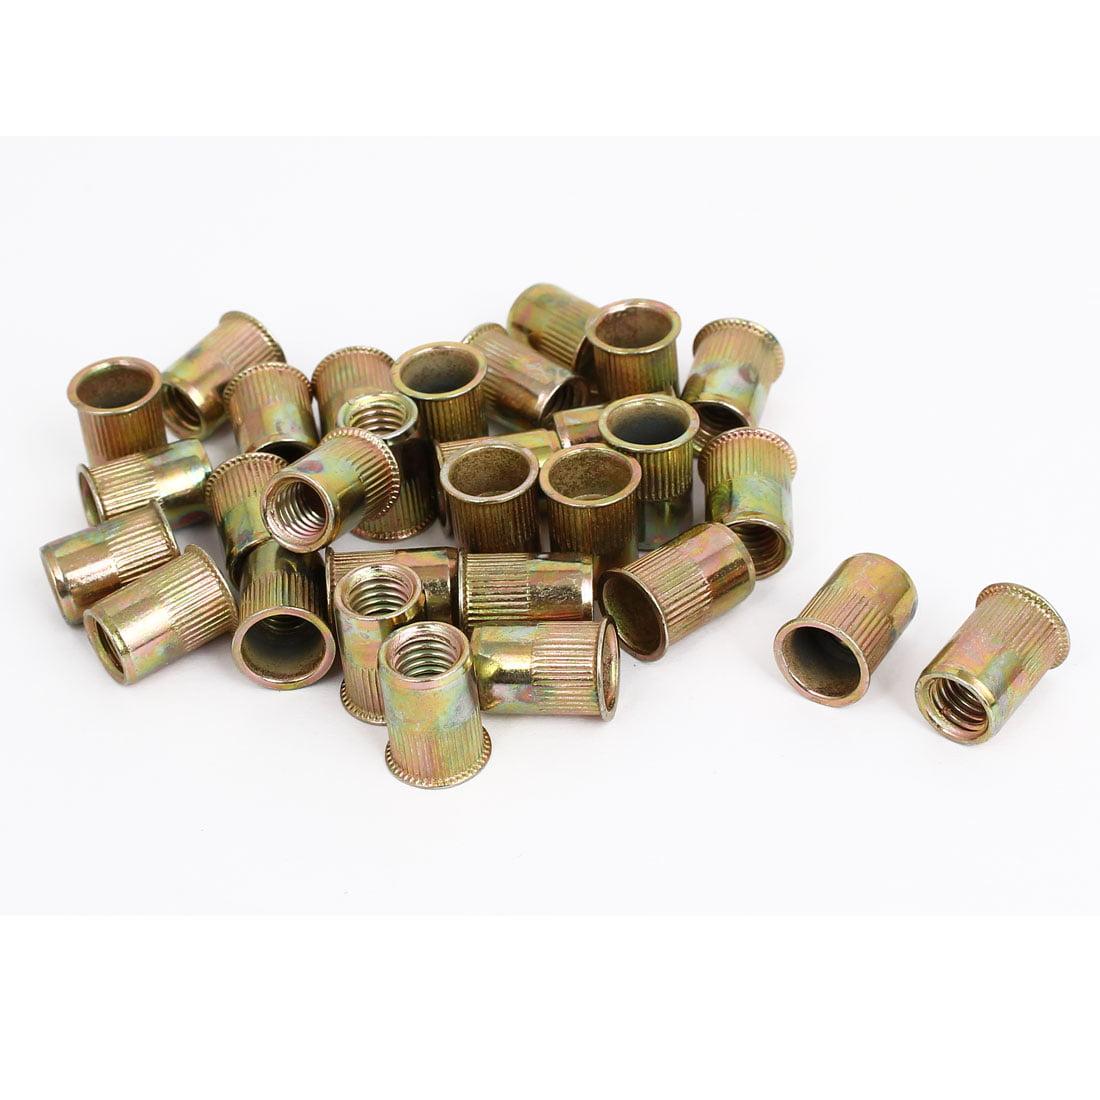 M8 Thread Dia Zinc Plated Rivet Nut Nutsert Brass Tone 30pcs